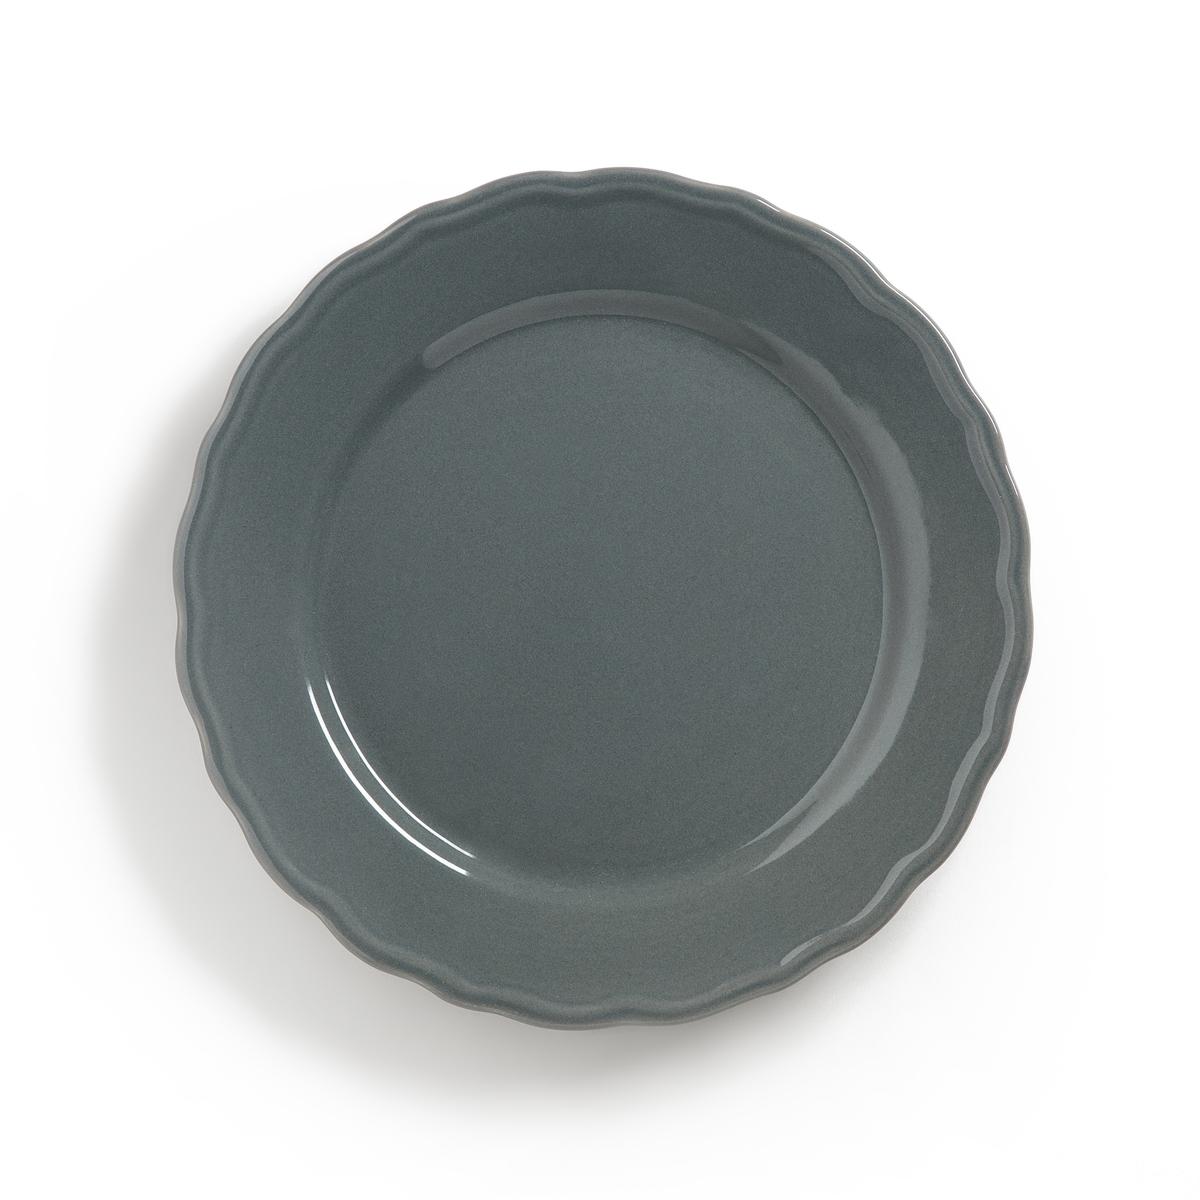 Комплект из 4 тарелок, AJILAОписание:4 тарелки десертные с отделкой фестонами Ajila . Завтрак, обед или ужин, La Redoute Int?rieurs Вас приглашает к столу.Характеристики 4 тарелок десертных с отделкой фестонами Ajila : •  Из фаянса, зубчатая кромка •  Диаметр 21,7 см •  Подходит для мытья в посудомоечной машине и использования в микроволновой печиПлоские и глубокие тарелки, чашки, кружки и блюдца Ajila продаются на нашем сайте.ru<br><br>Цвет: белый,темно-серый